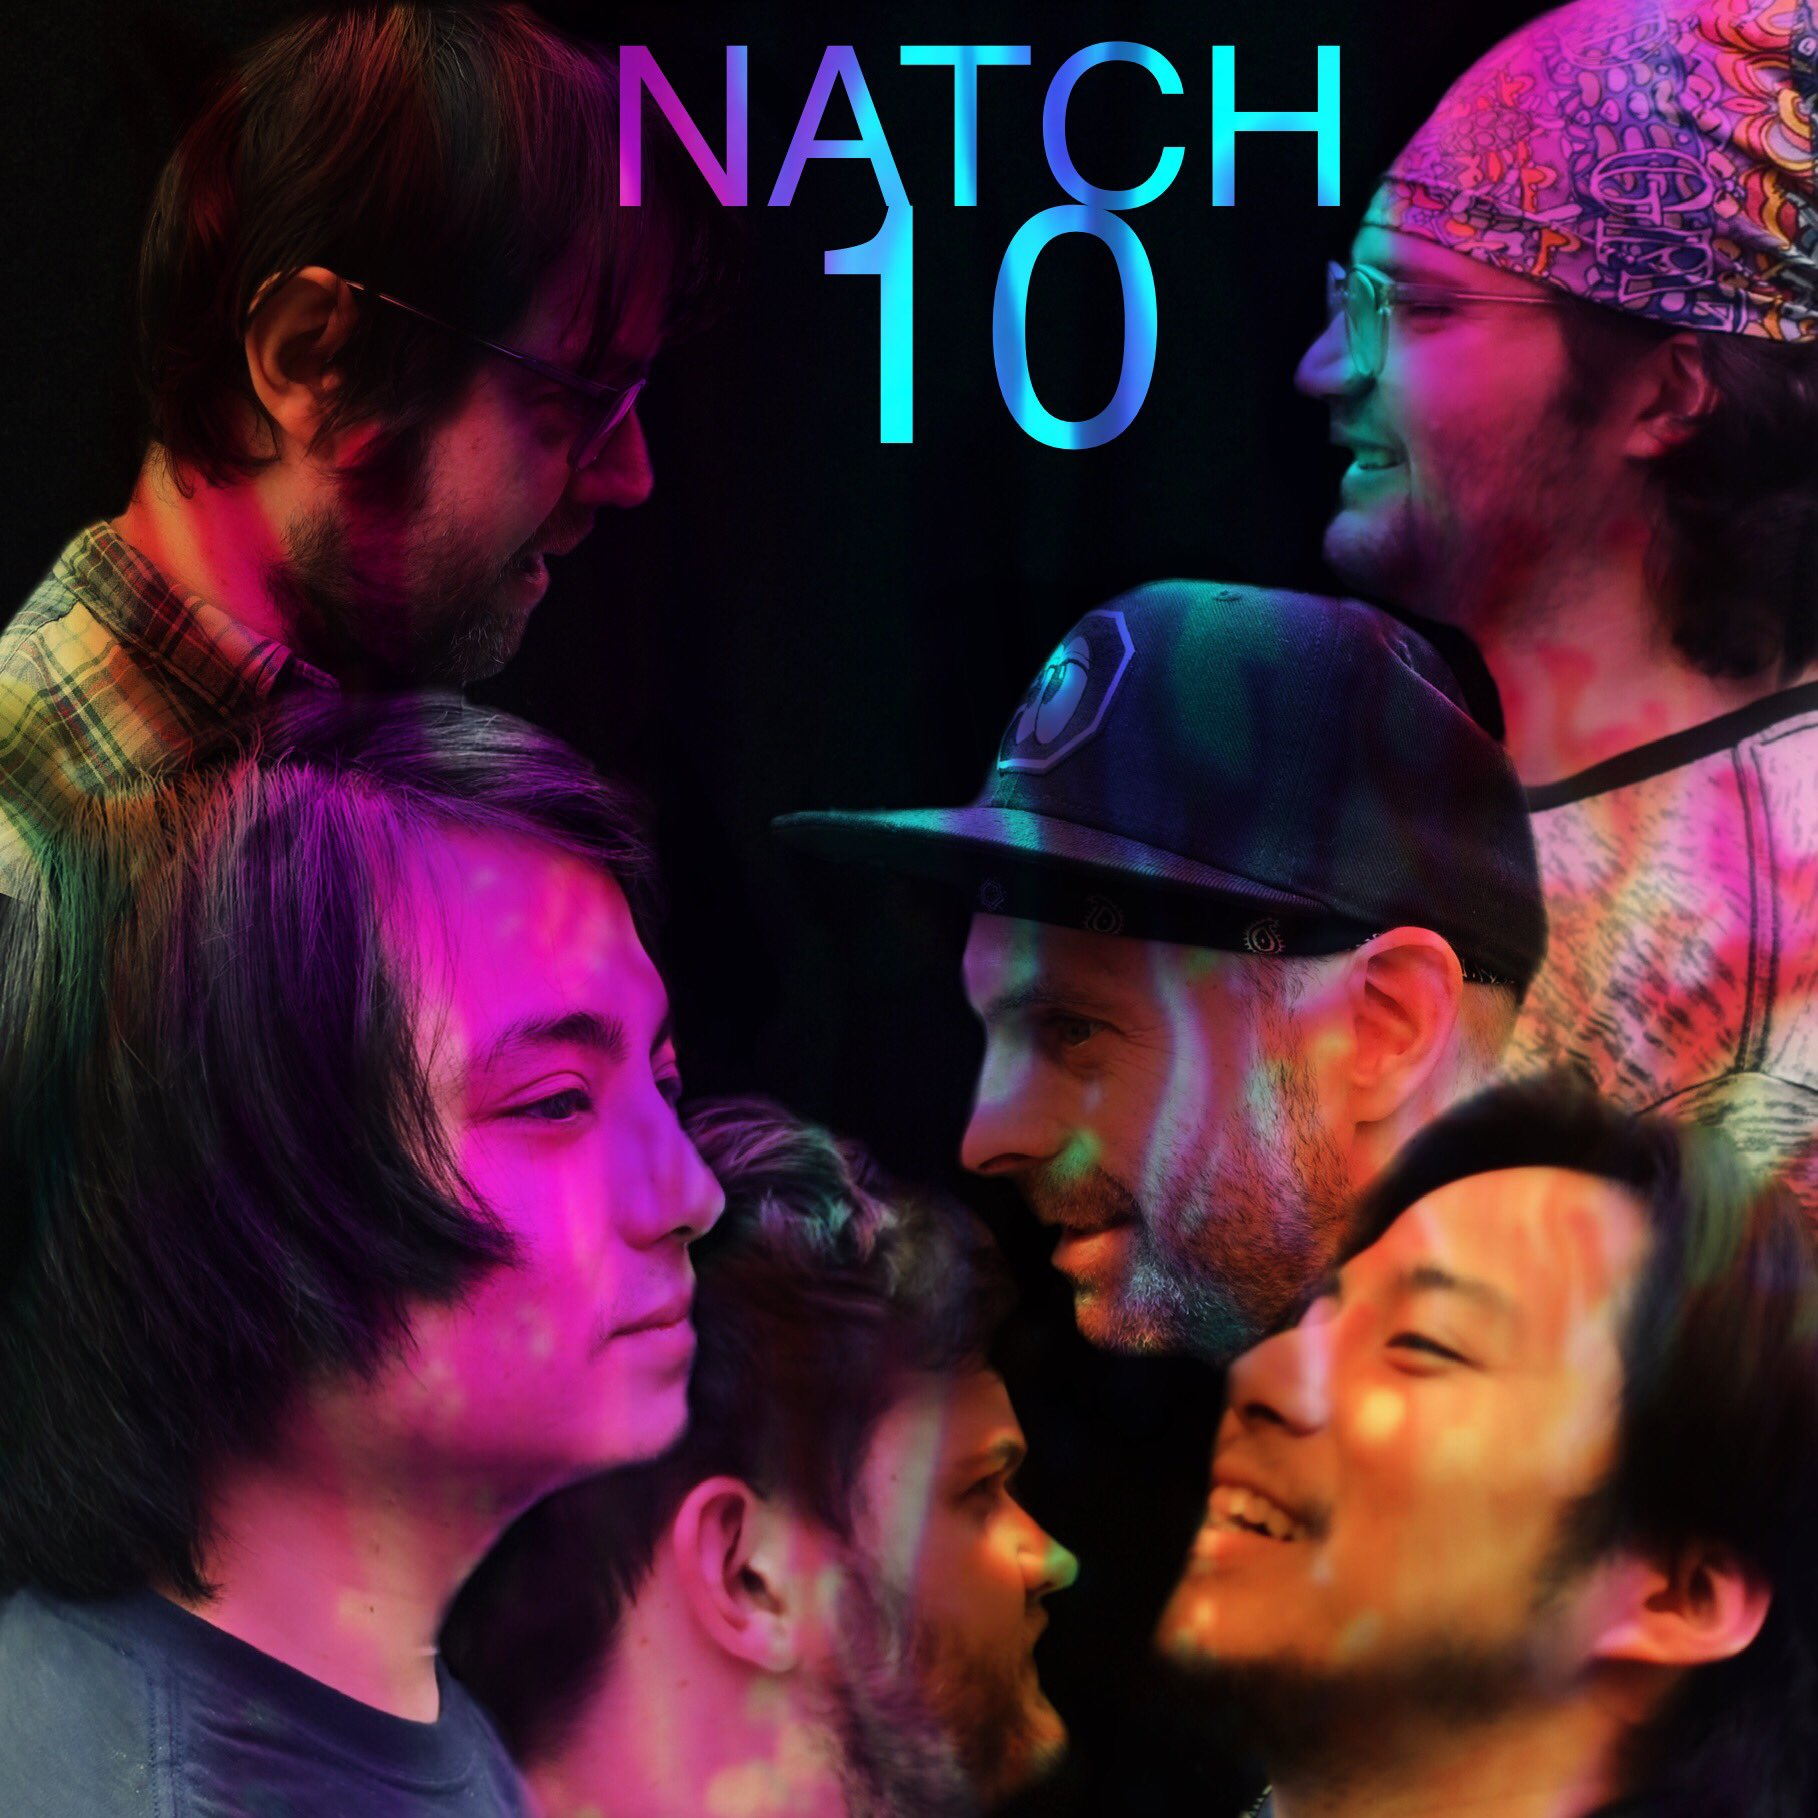 Natch-pic.jpg